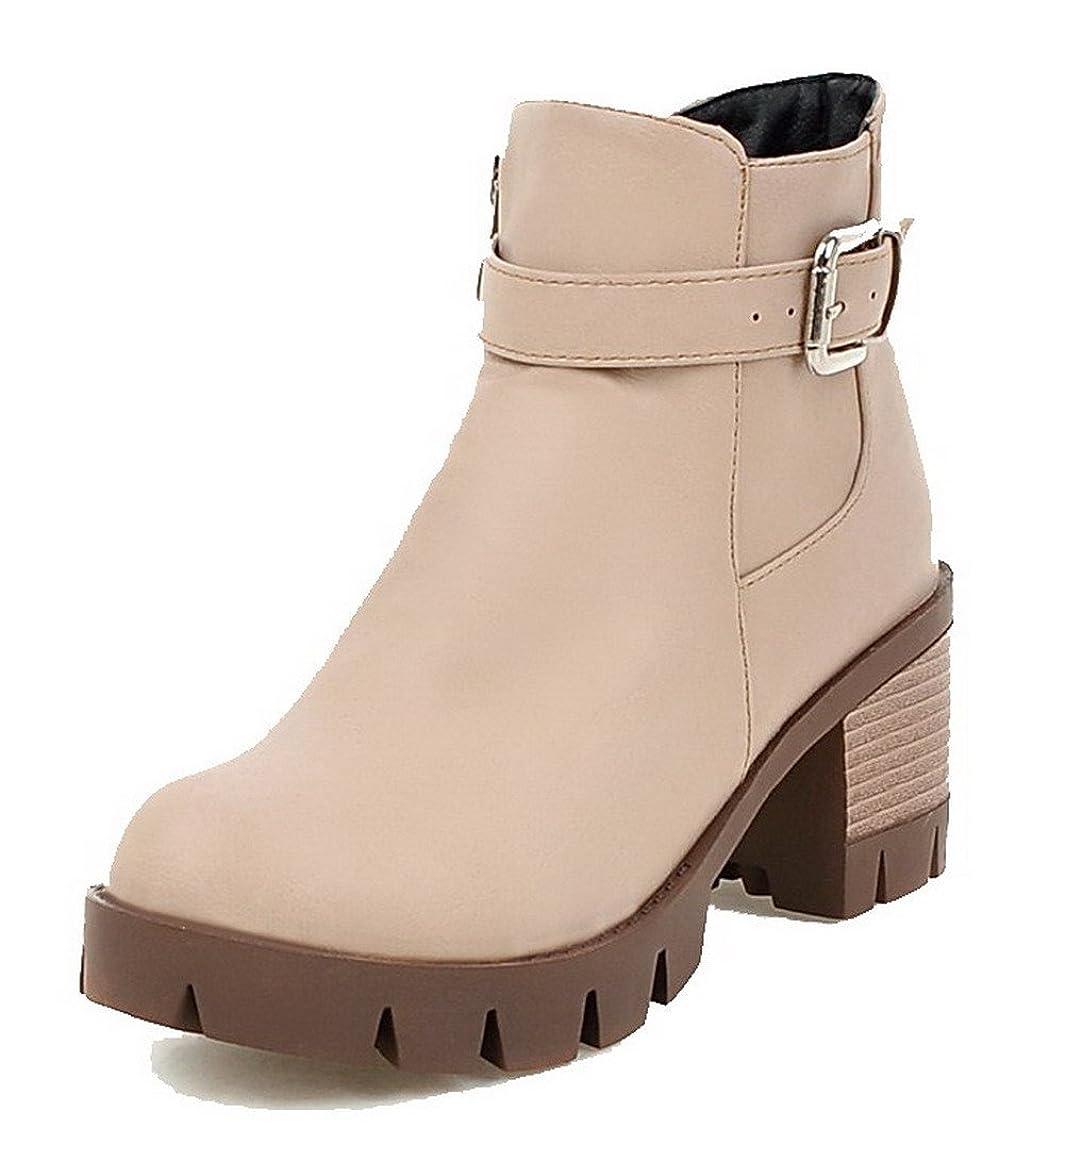 羽暴徒拡声器(オールエイチキューファッション) AllhqFashion レディース PUの皮 ラウンドトゥ 中ヒール ジッパー 純色 ブーツ 23.5cm ベージュ